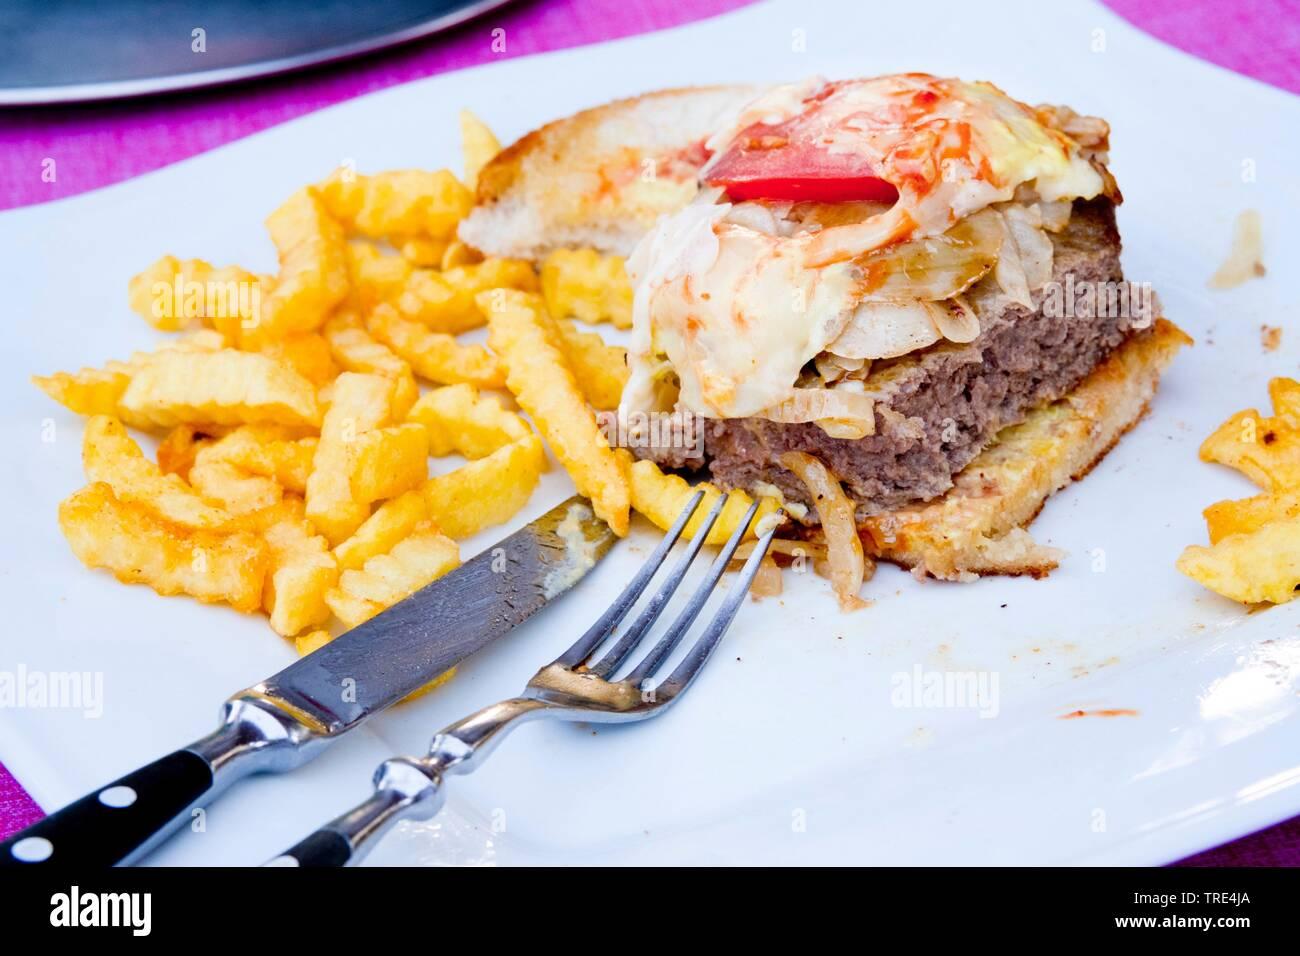 Hamburger und Pommes frites, Bundesrepublik Deutschland | Hamburger mit Pommes frites, Bundesrepublik Deutschland | BLWS 517153.jpg [(c) Blickwinkel/M Stockbild